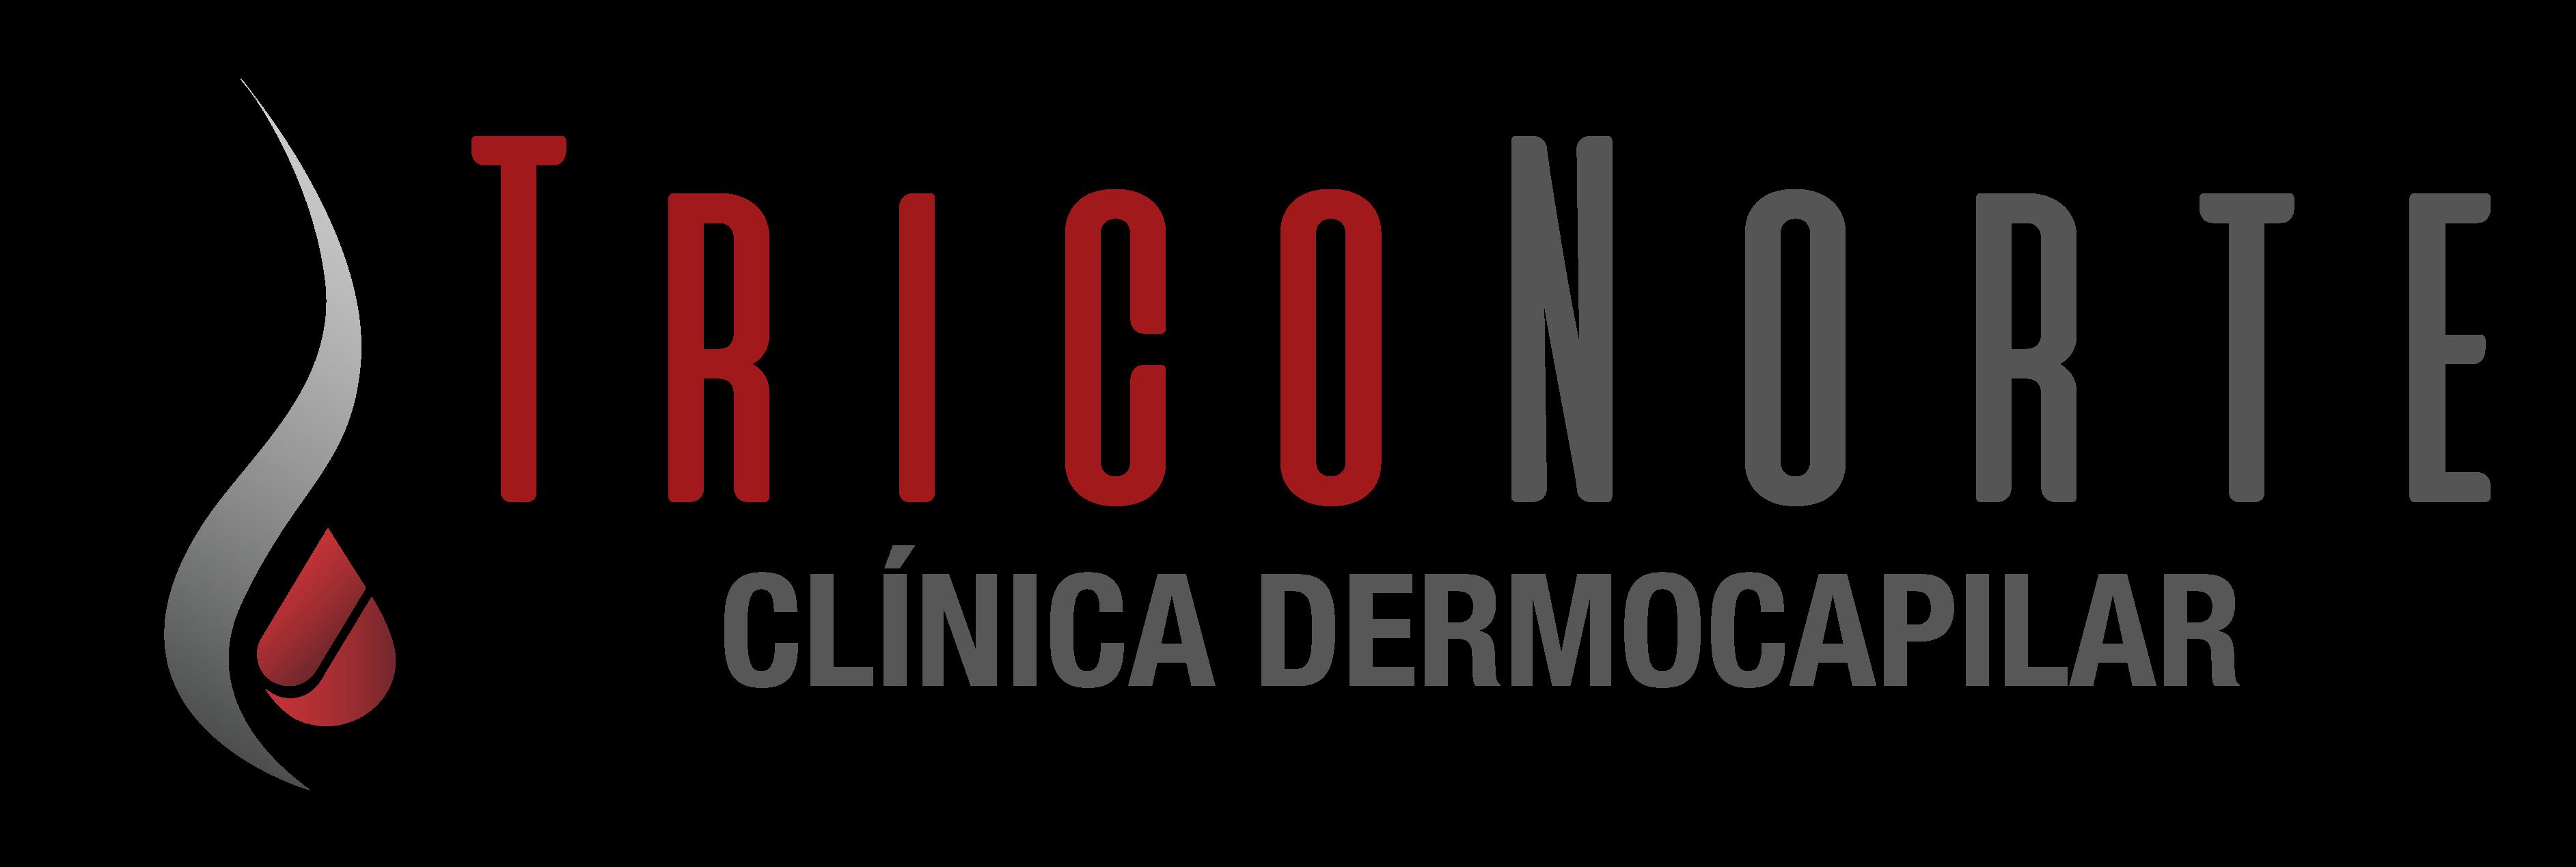 TricoNorte